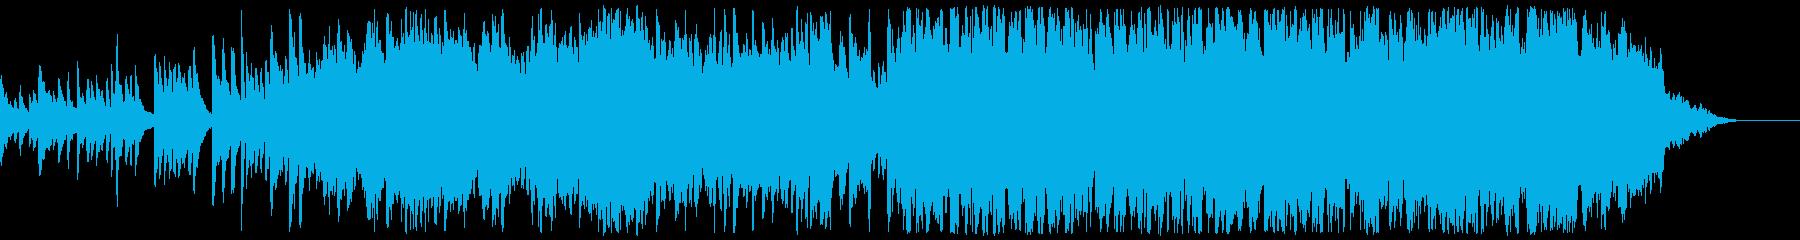 ソロのピアノと弦が他のオーケストラ...の再生済みの波形